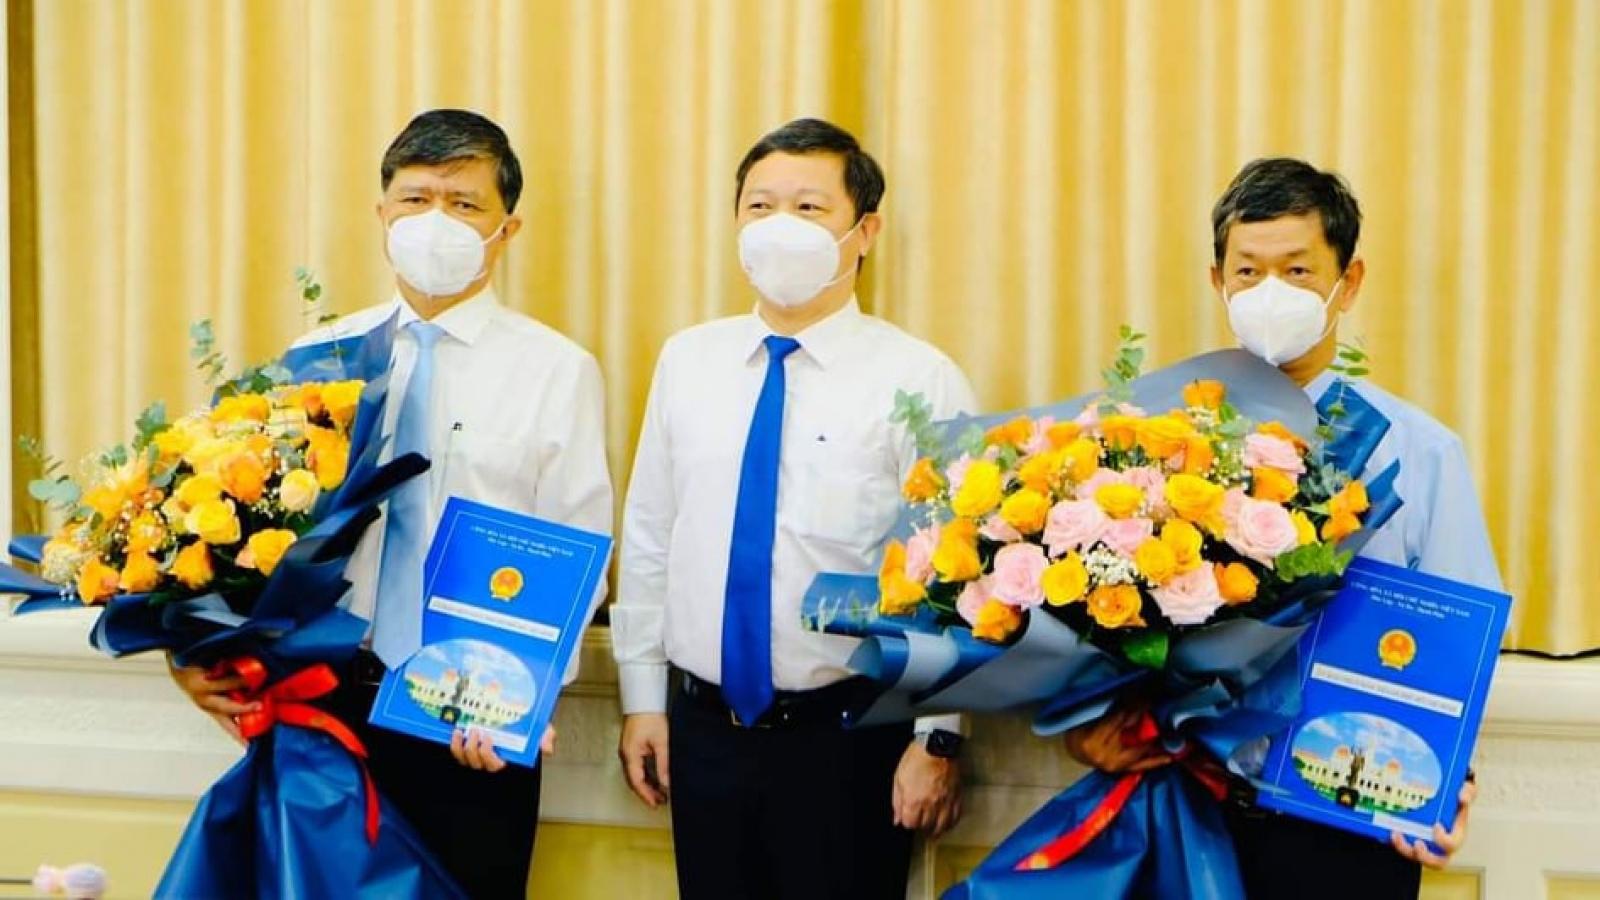 Ông Nguyễn Văn Hiếu giữ chức Giám đốc Sở Giáo dục - Đào tạo TP.HCM